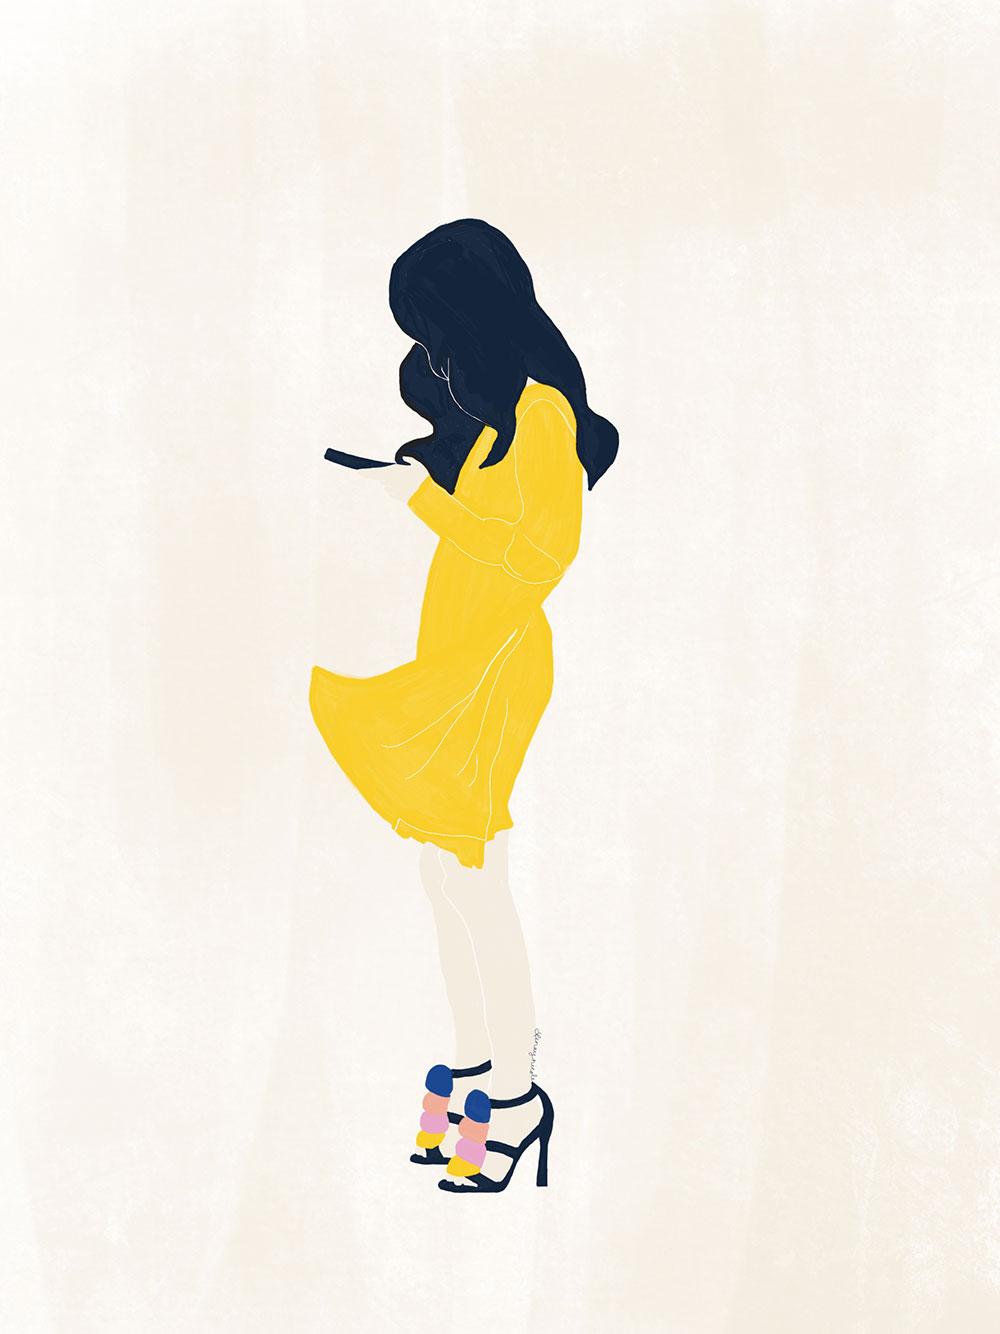 lenaynicole-illustration-01-100.jpg